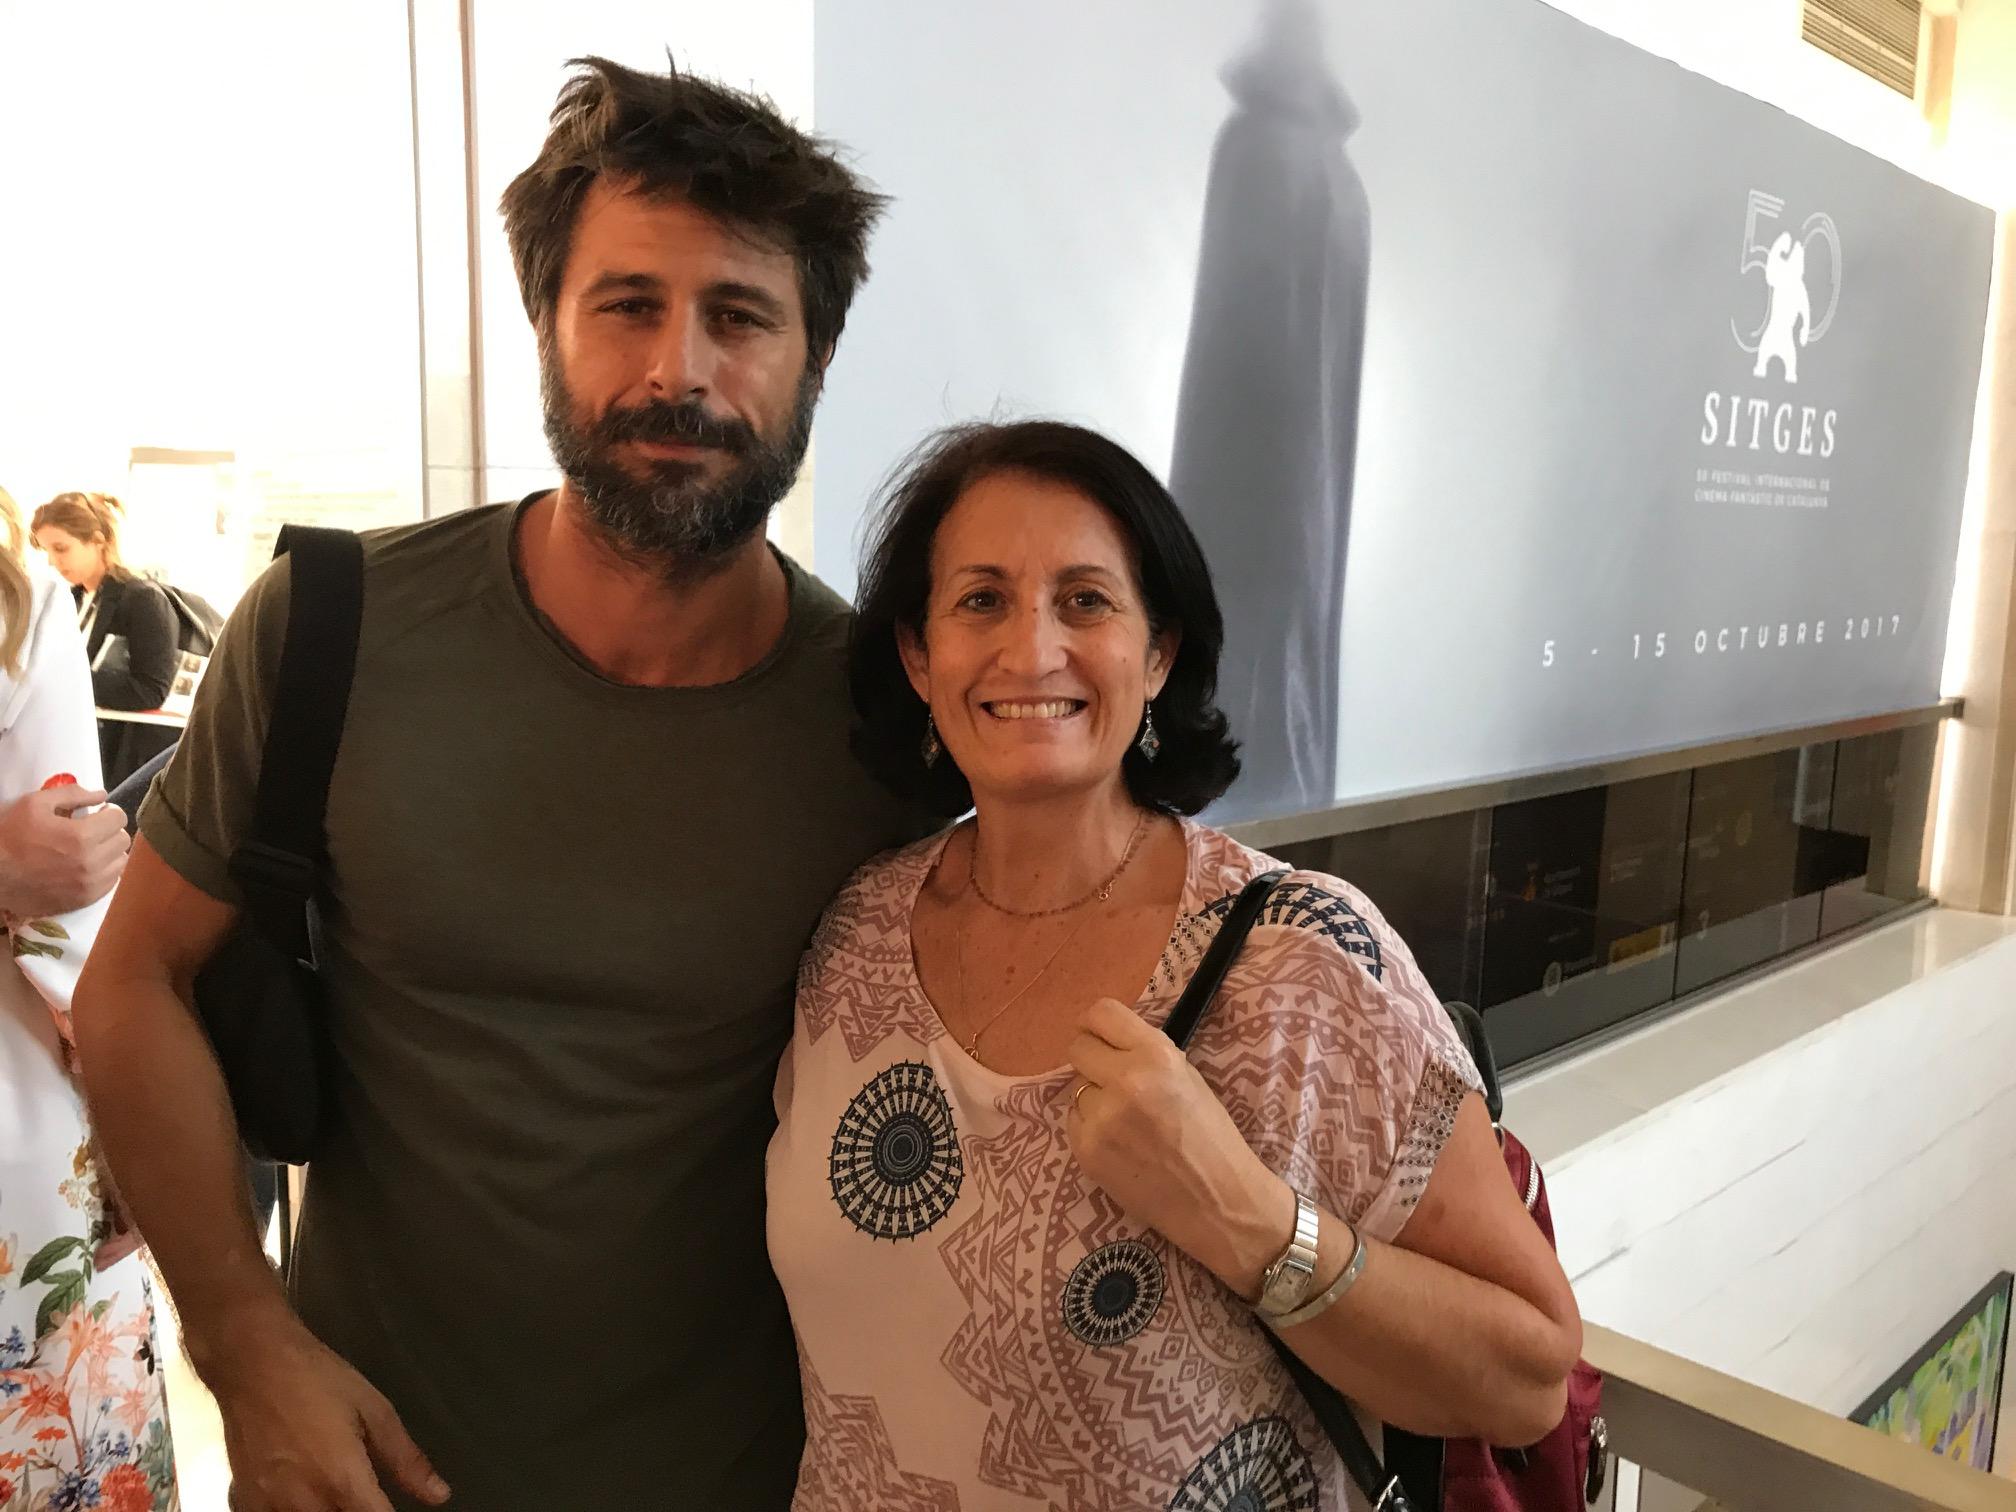 L'actor Hugo Silva amb una fan... Les estrelles a l'abast del públic